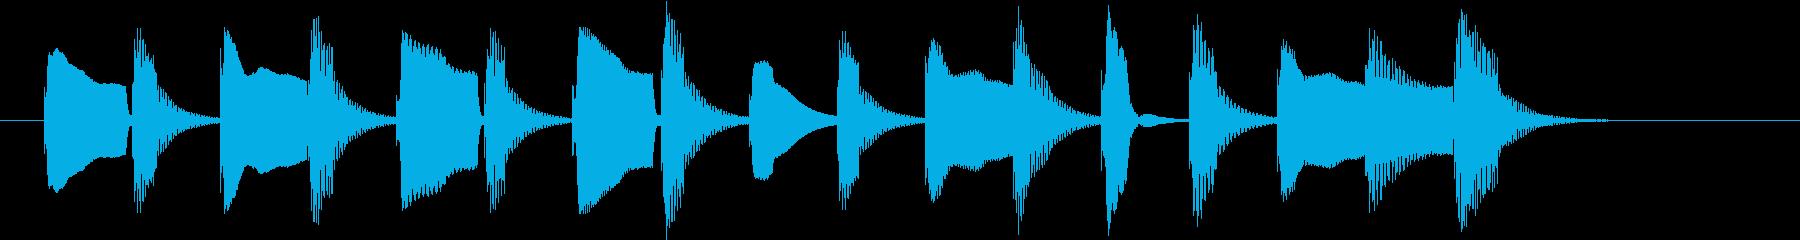 アニメ系ジングル_日常01の再生済みの波形